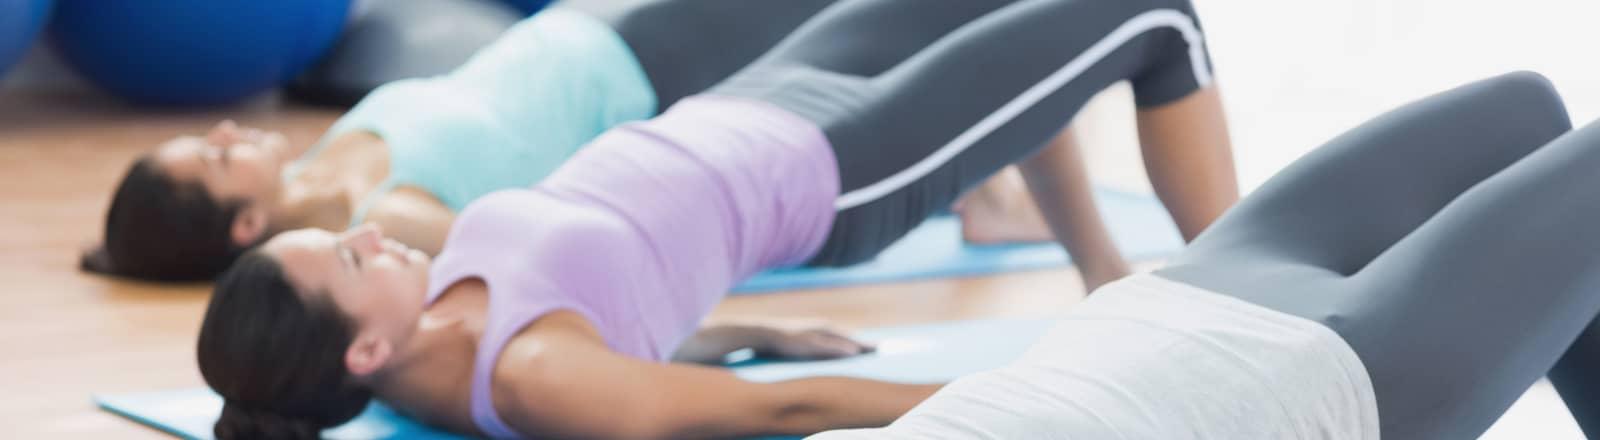 grupos y clases de preparacion al parto